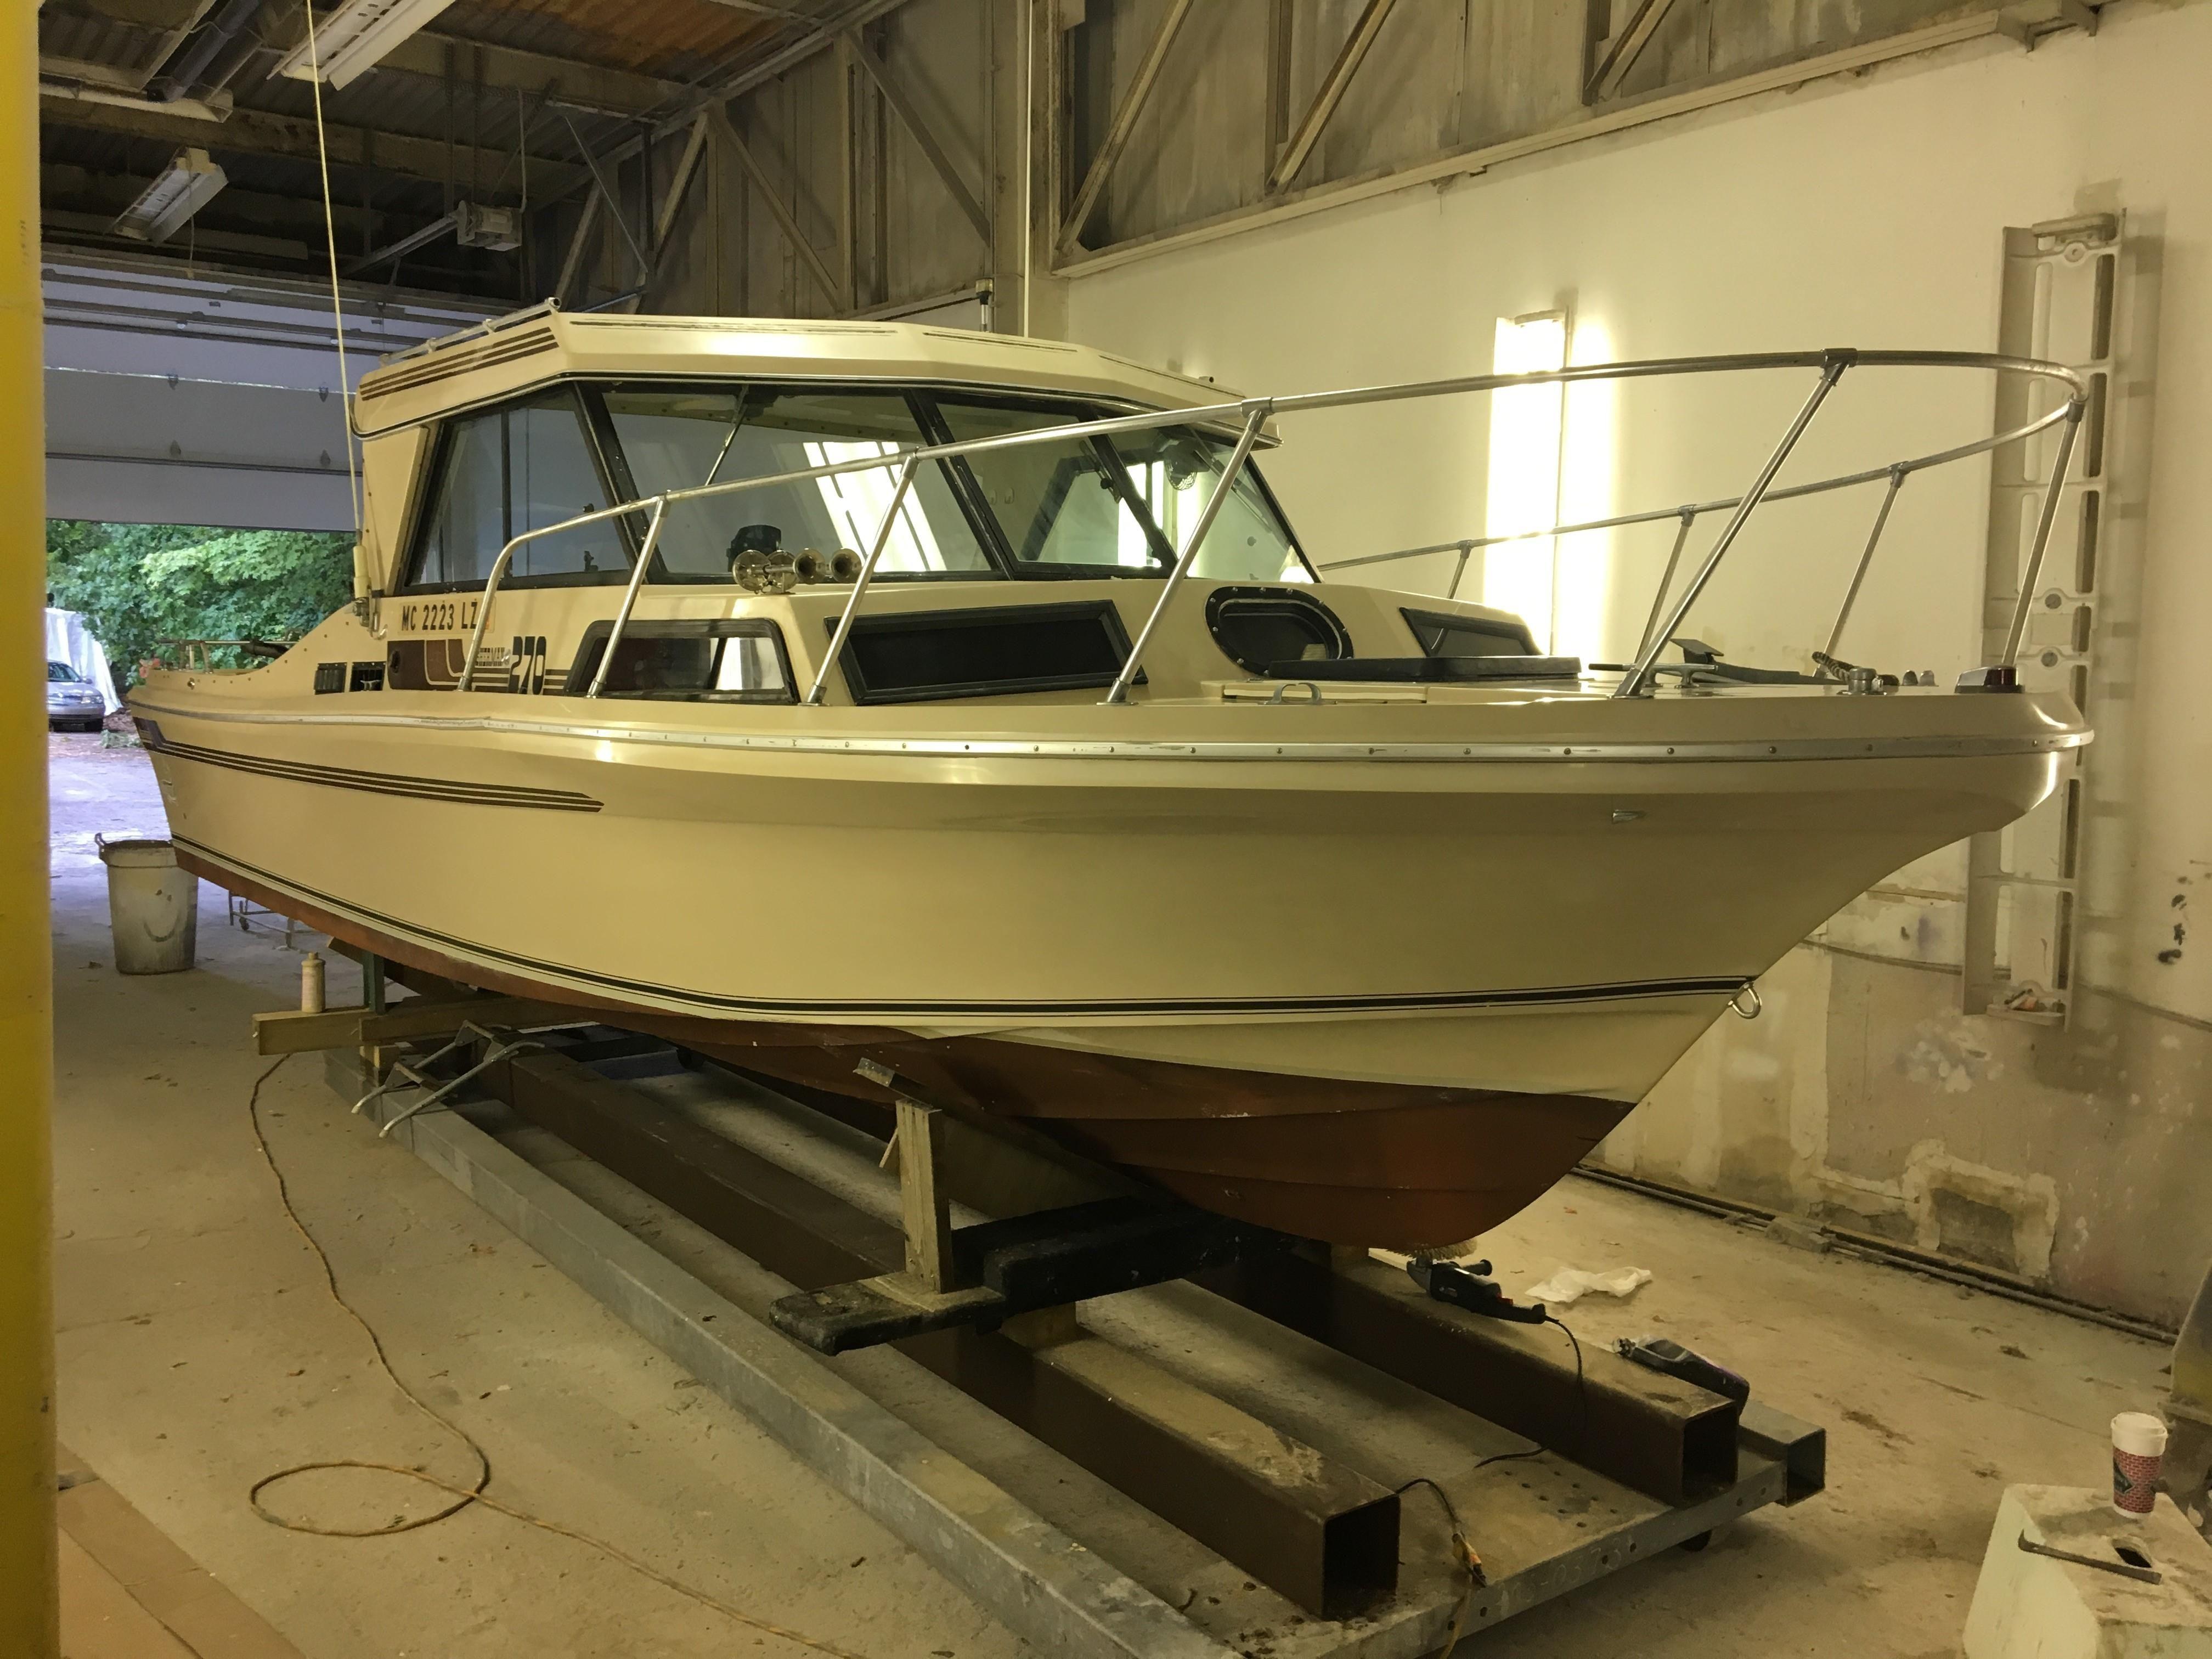 1985 Sportcraft 270 Fisherman Power Boat For Sale Www